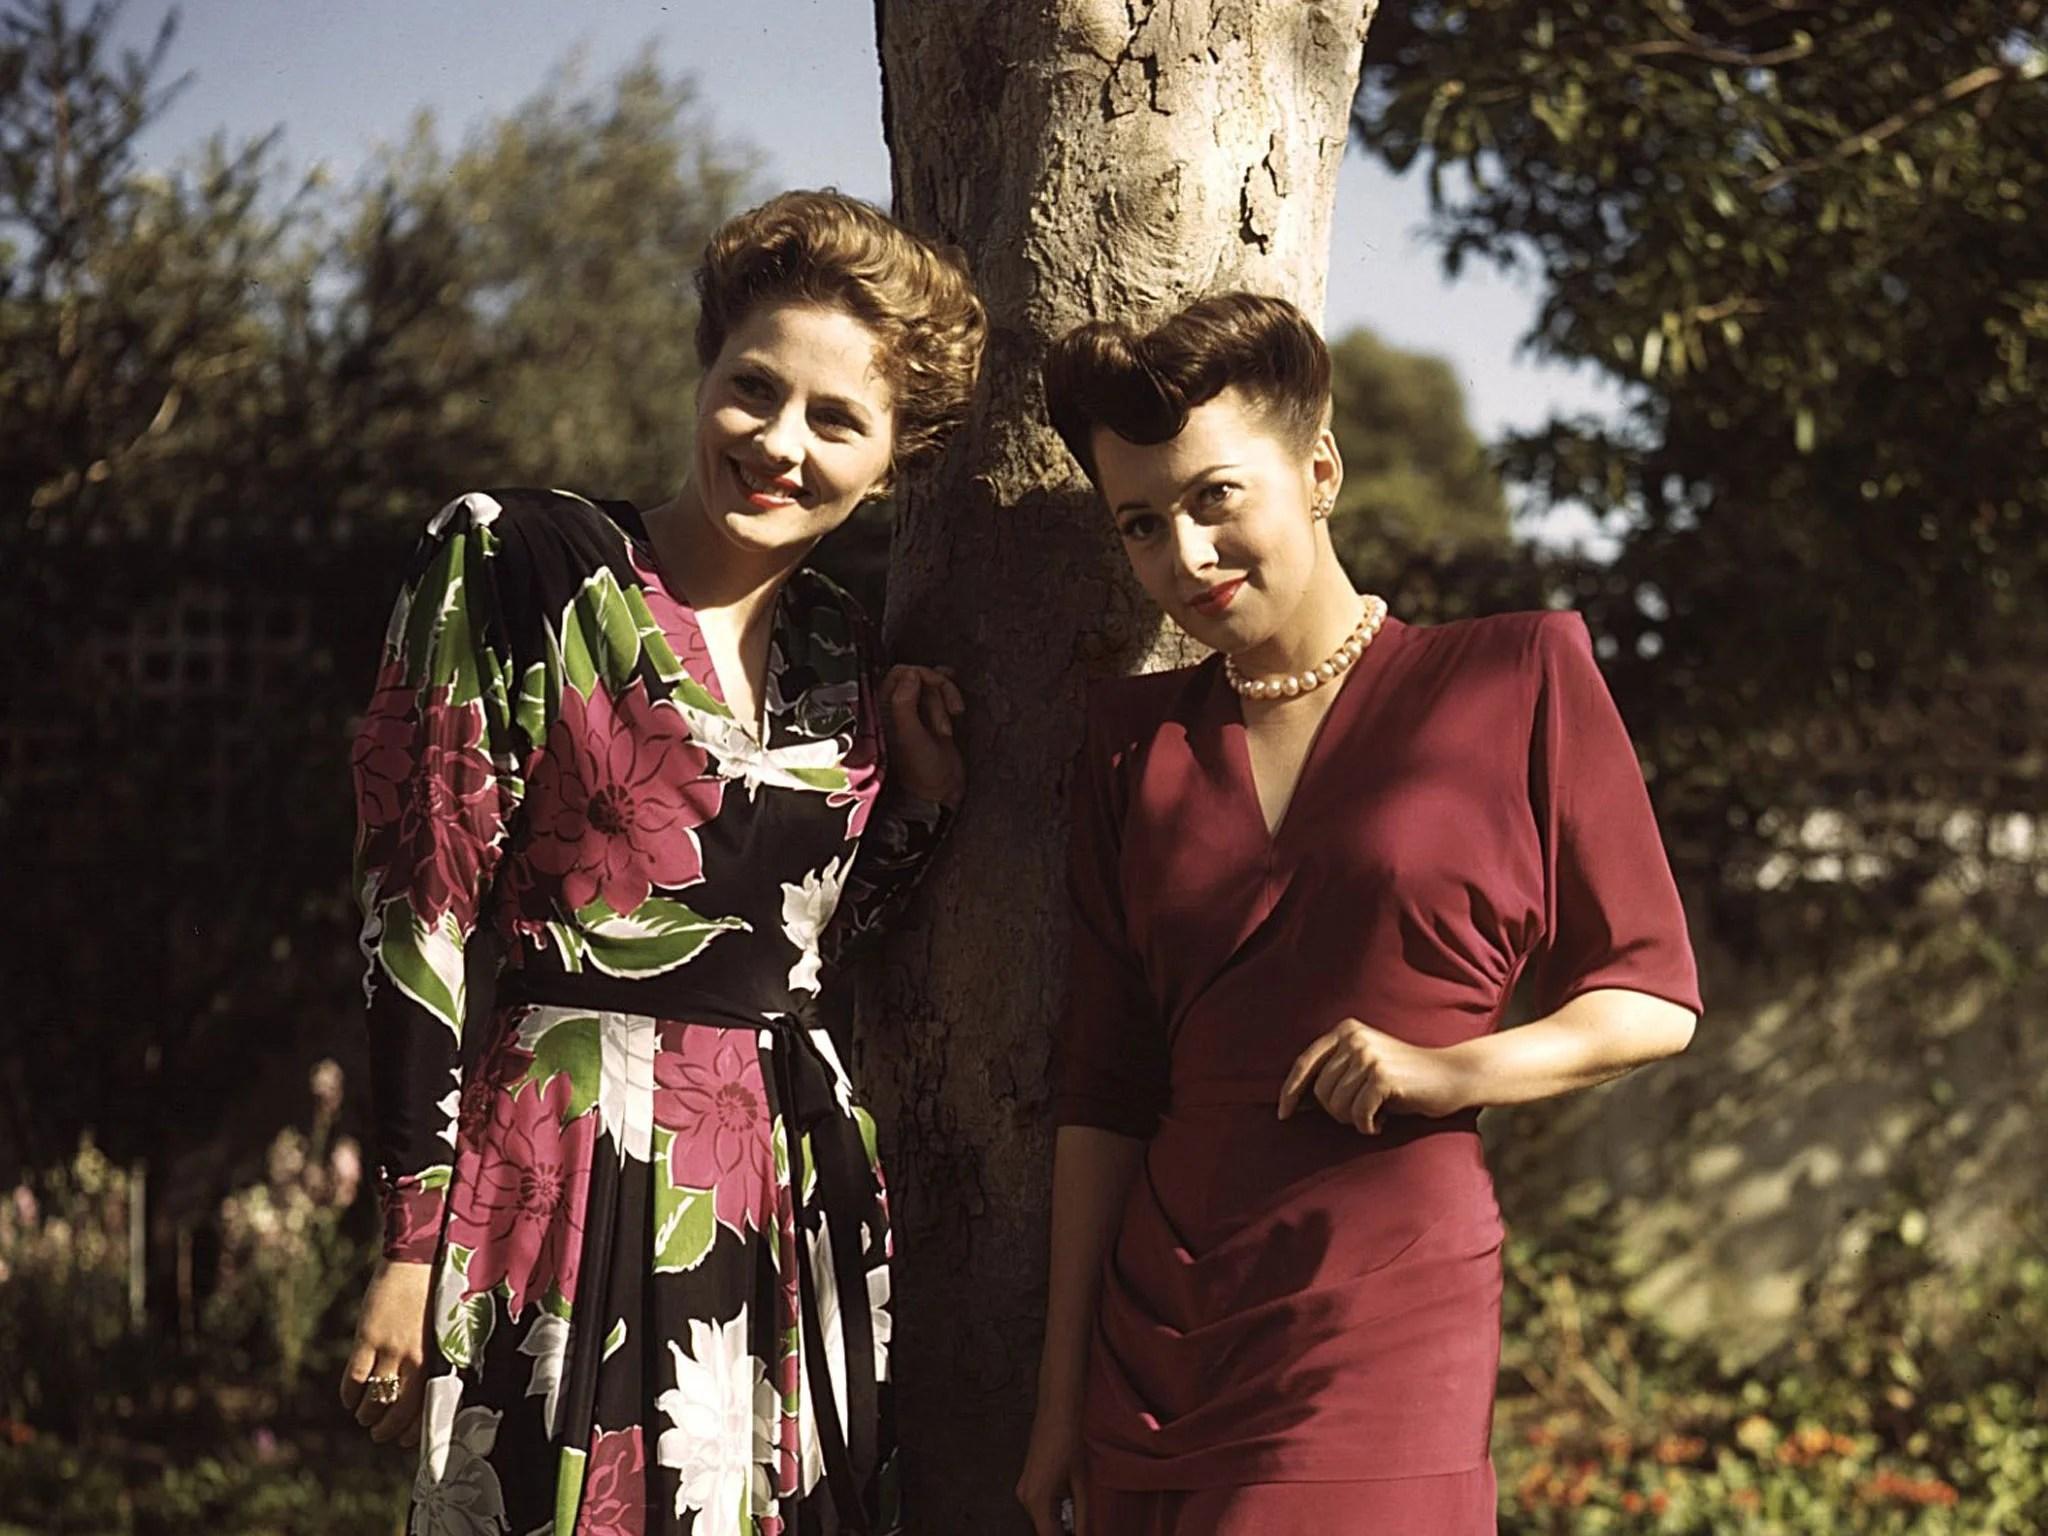 Joan Fontaine and Olivia de Havilland